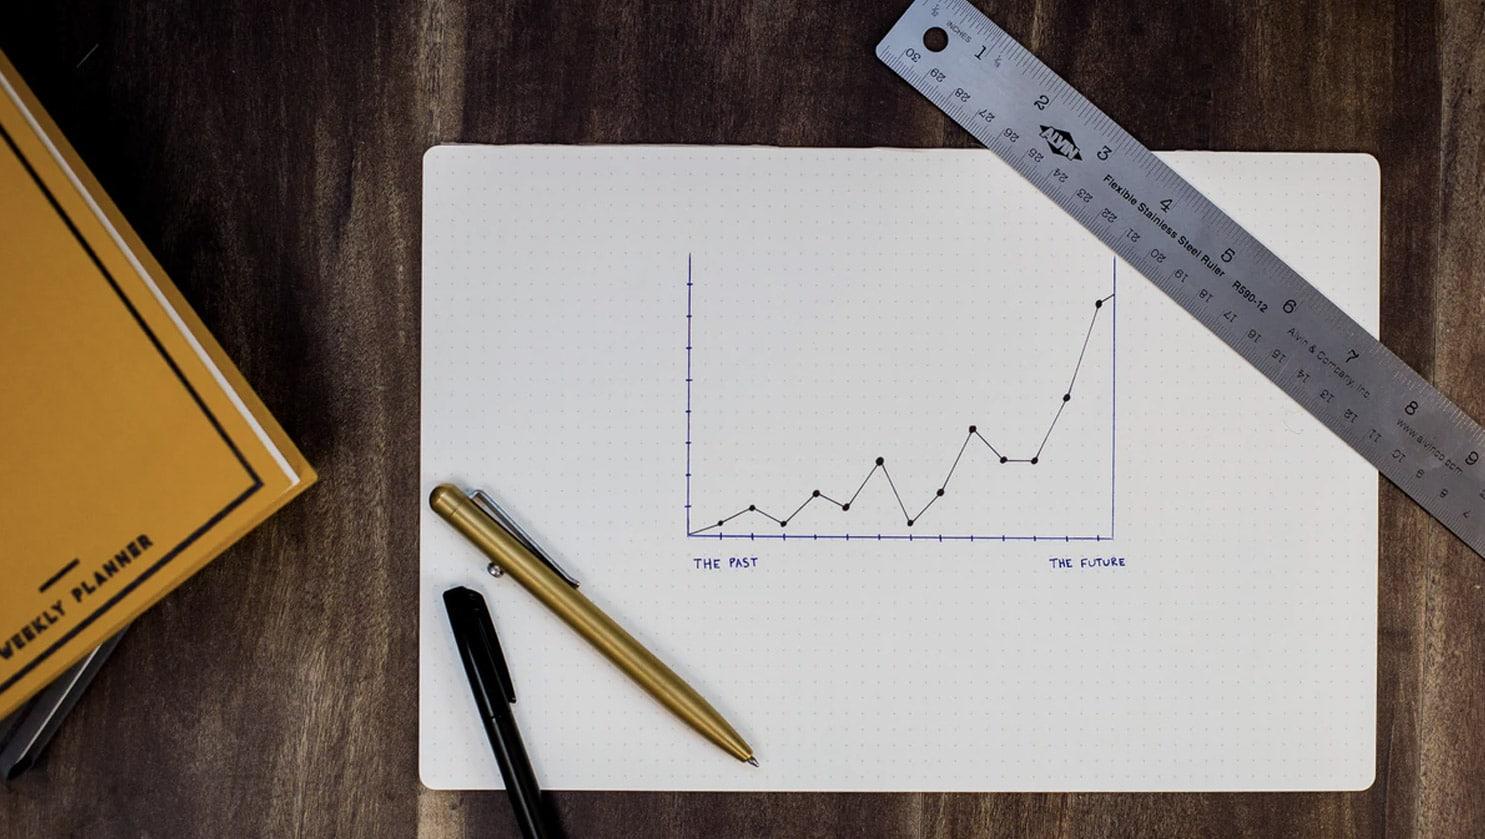 Dicas de Empreendedorismo: 5 dicas para vencer a dor do crescimento